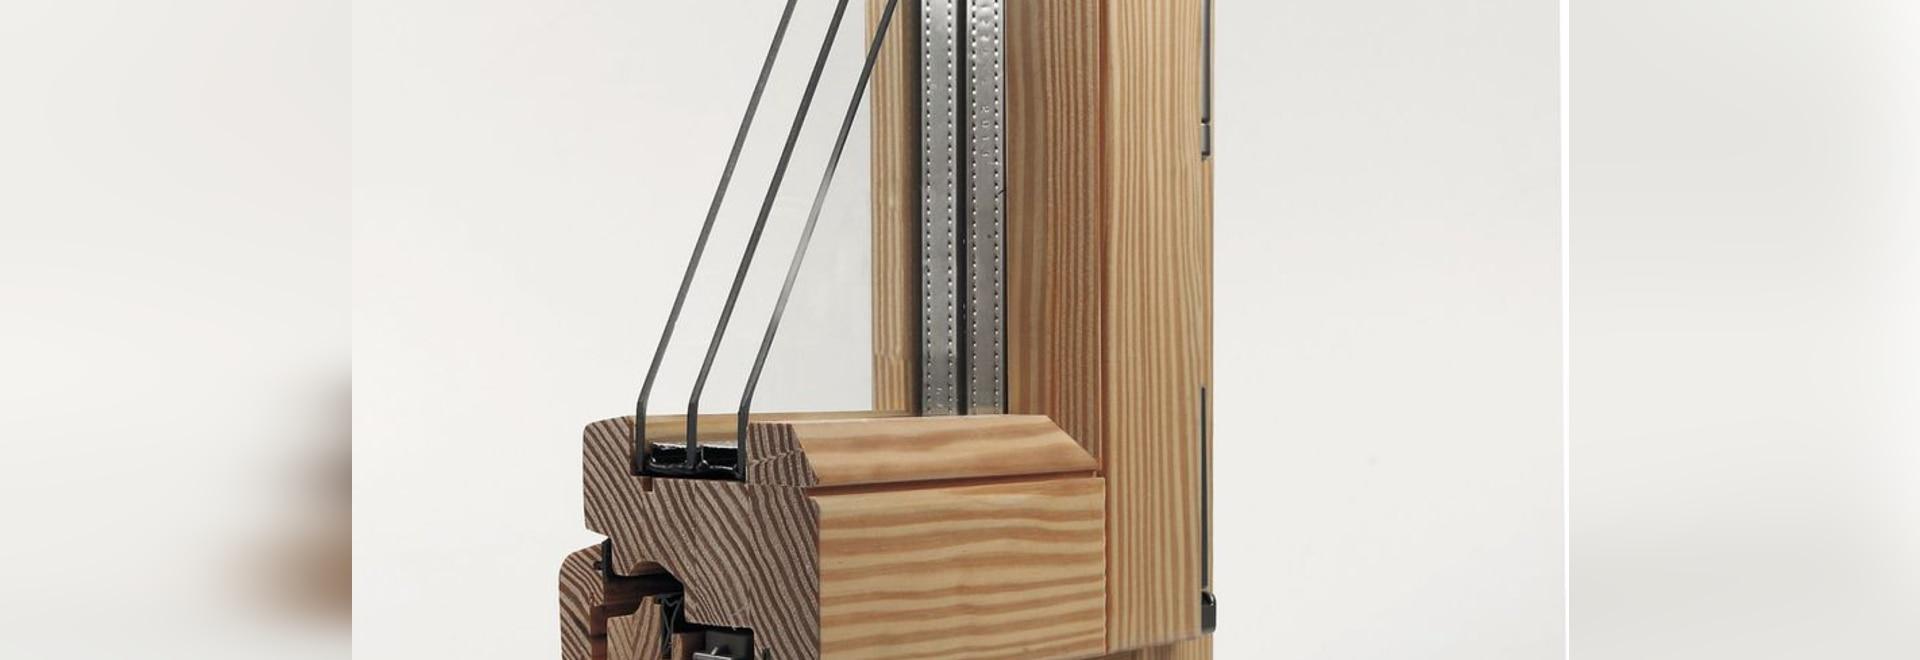 NEW: swing window by Delineo